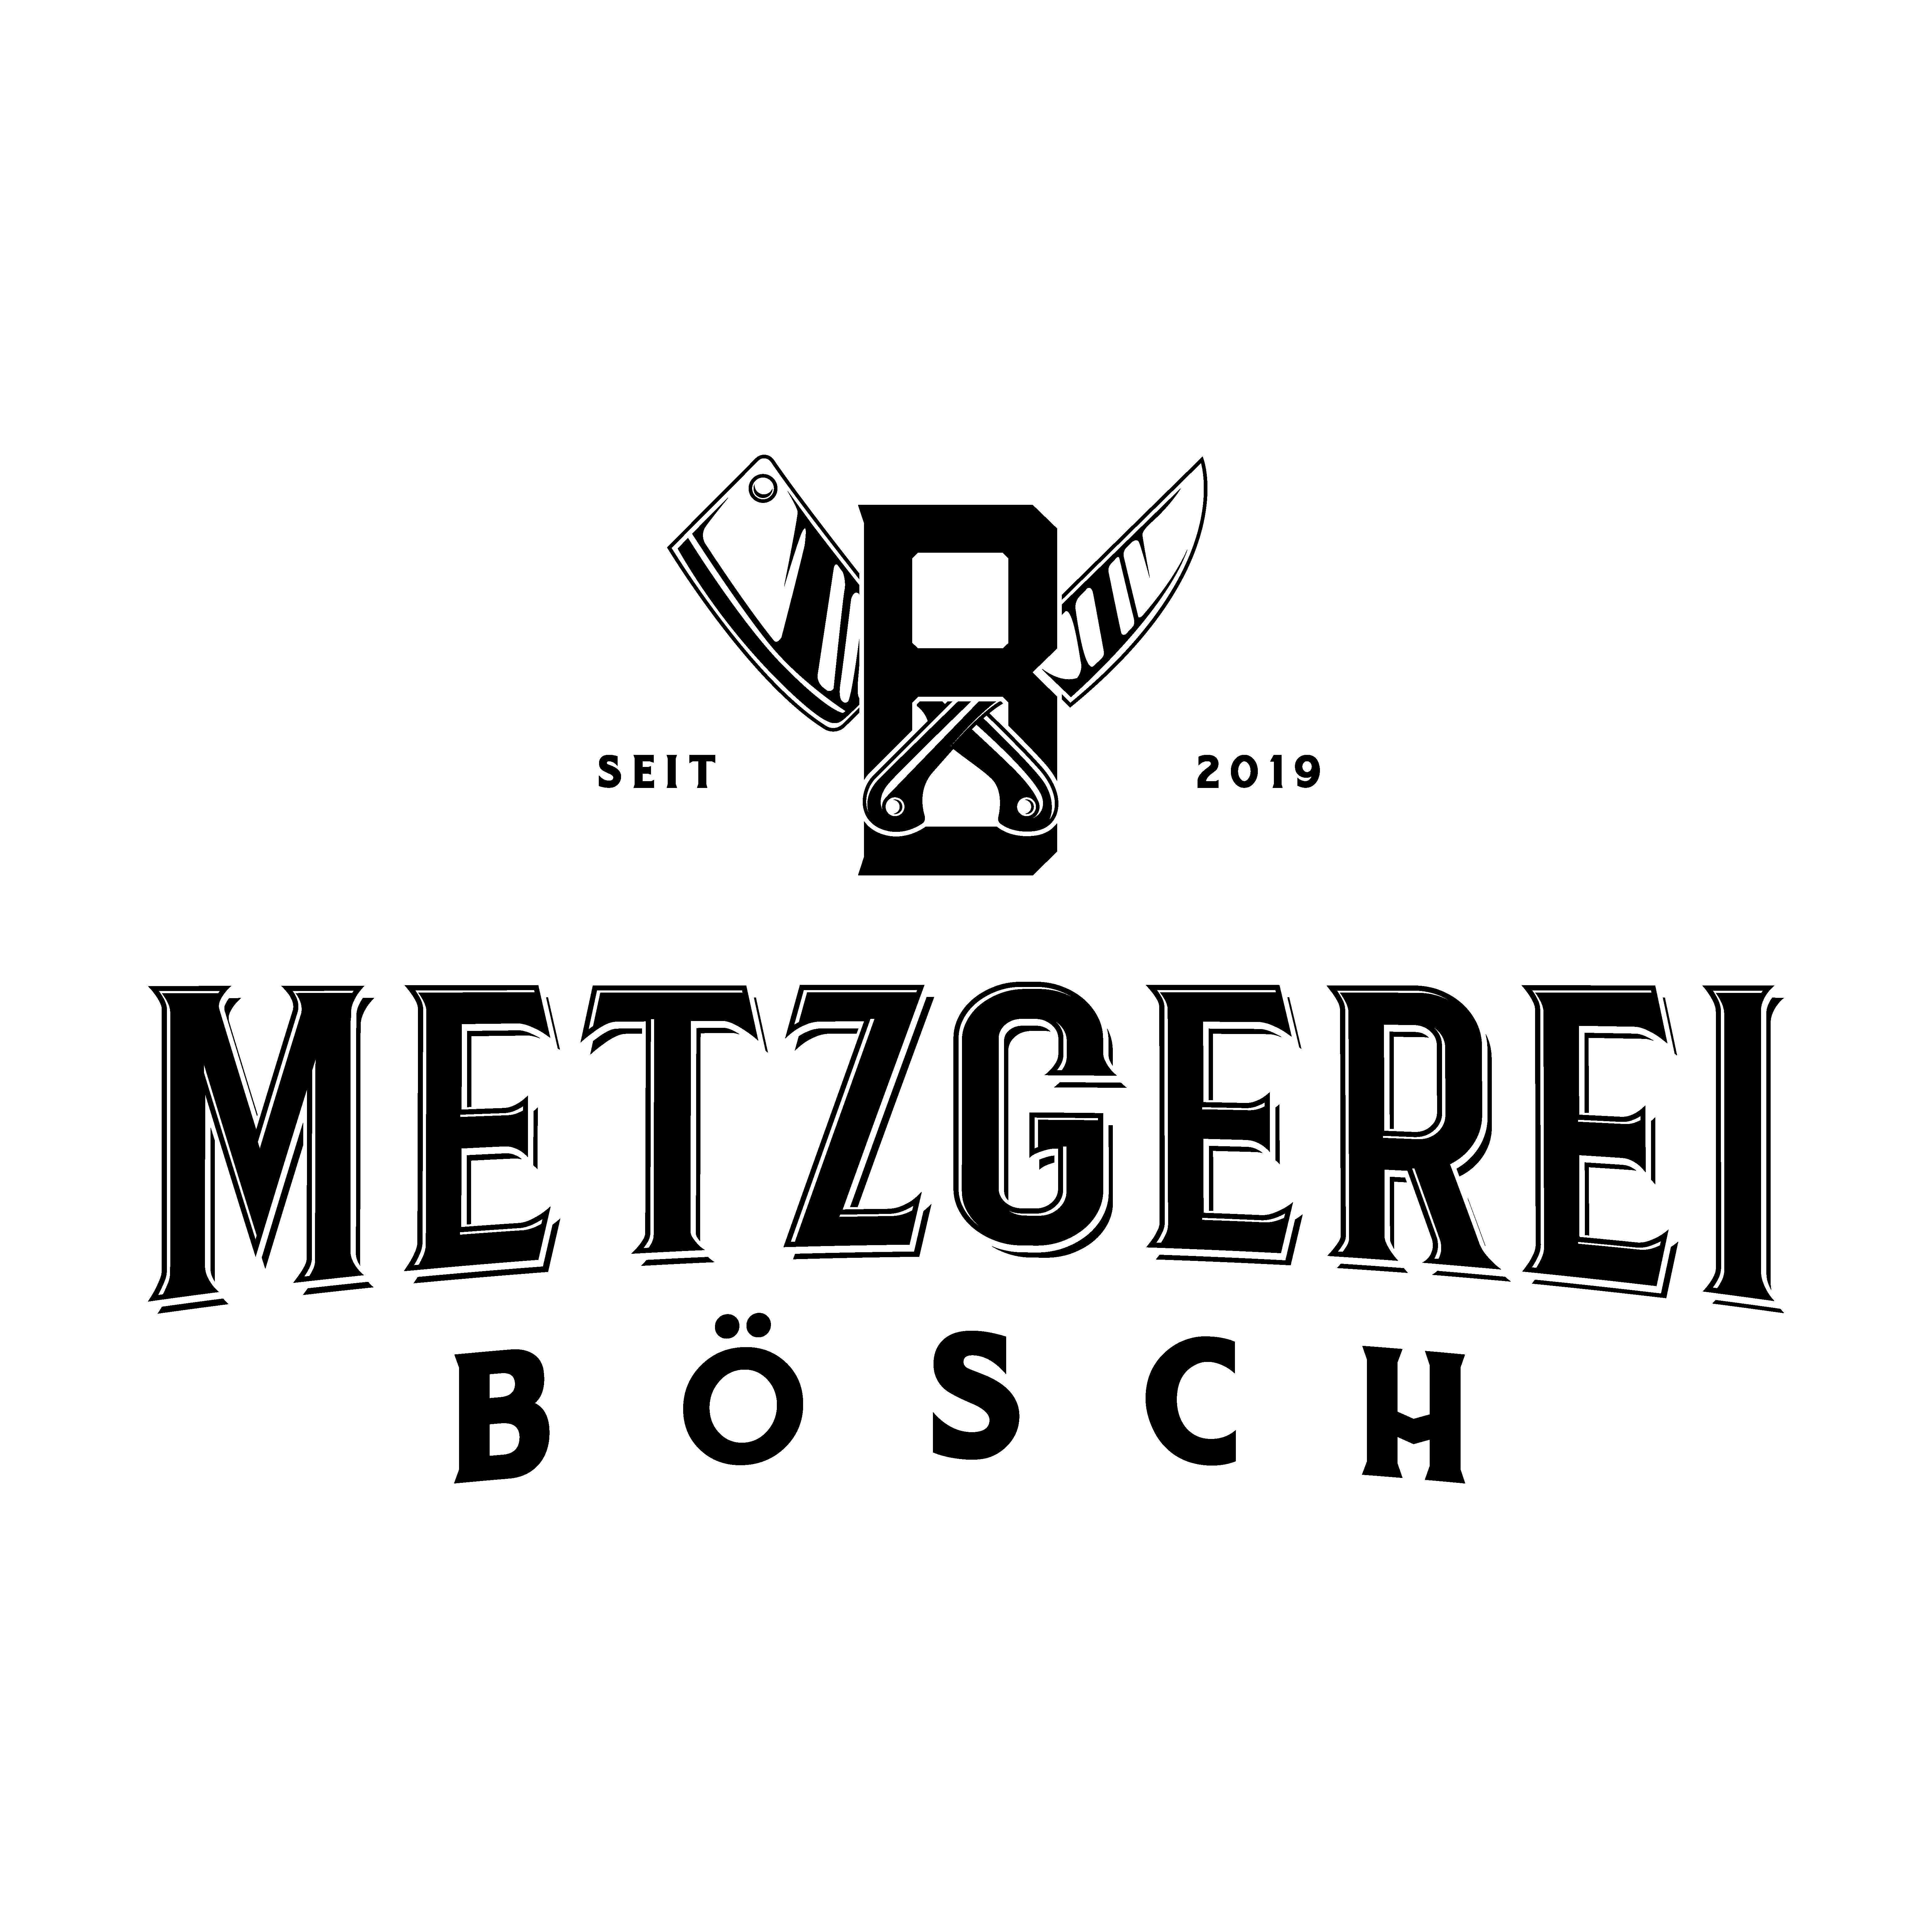 Erstelle neues Logo für Neueröffnung einer Metzgerei